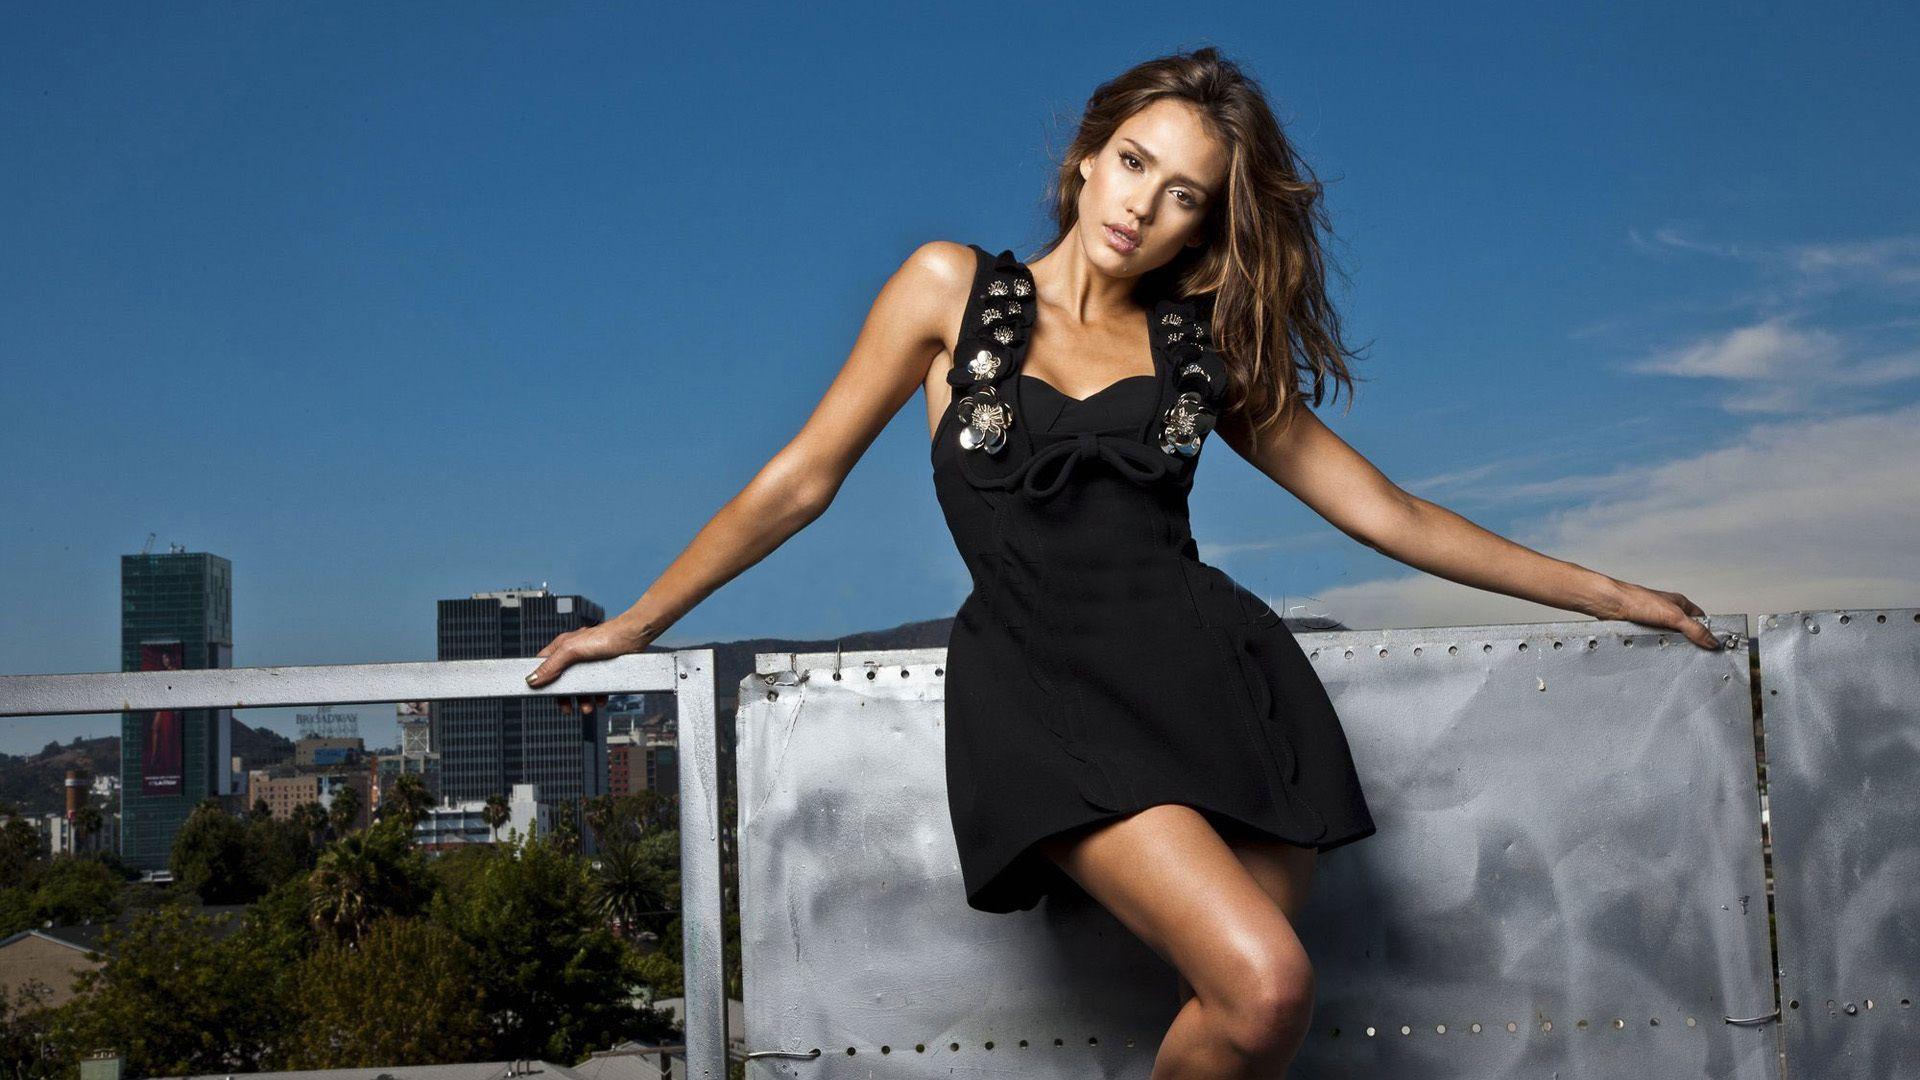 Jessica Alba High Resolution